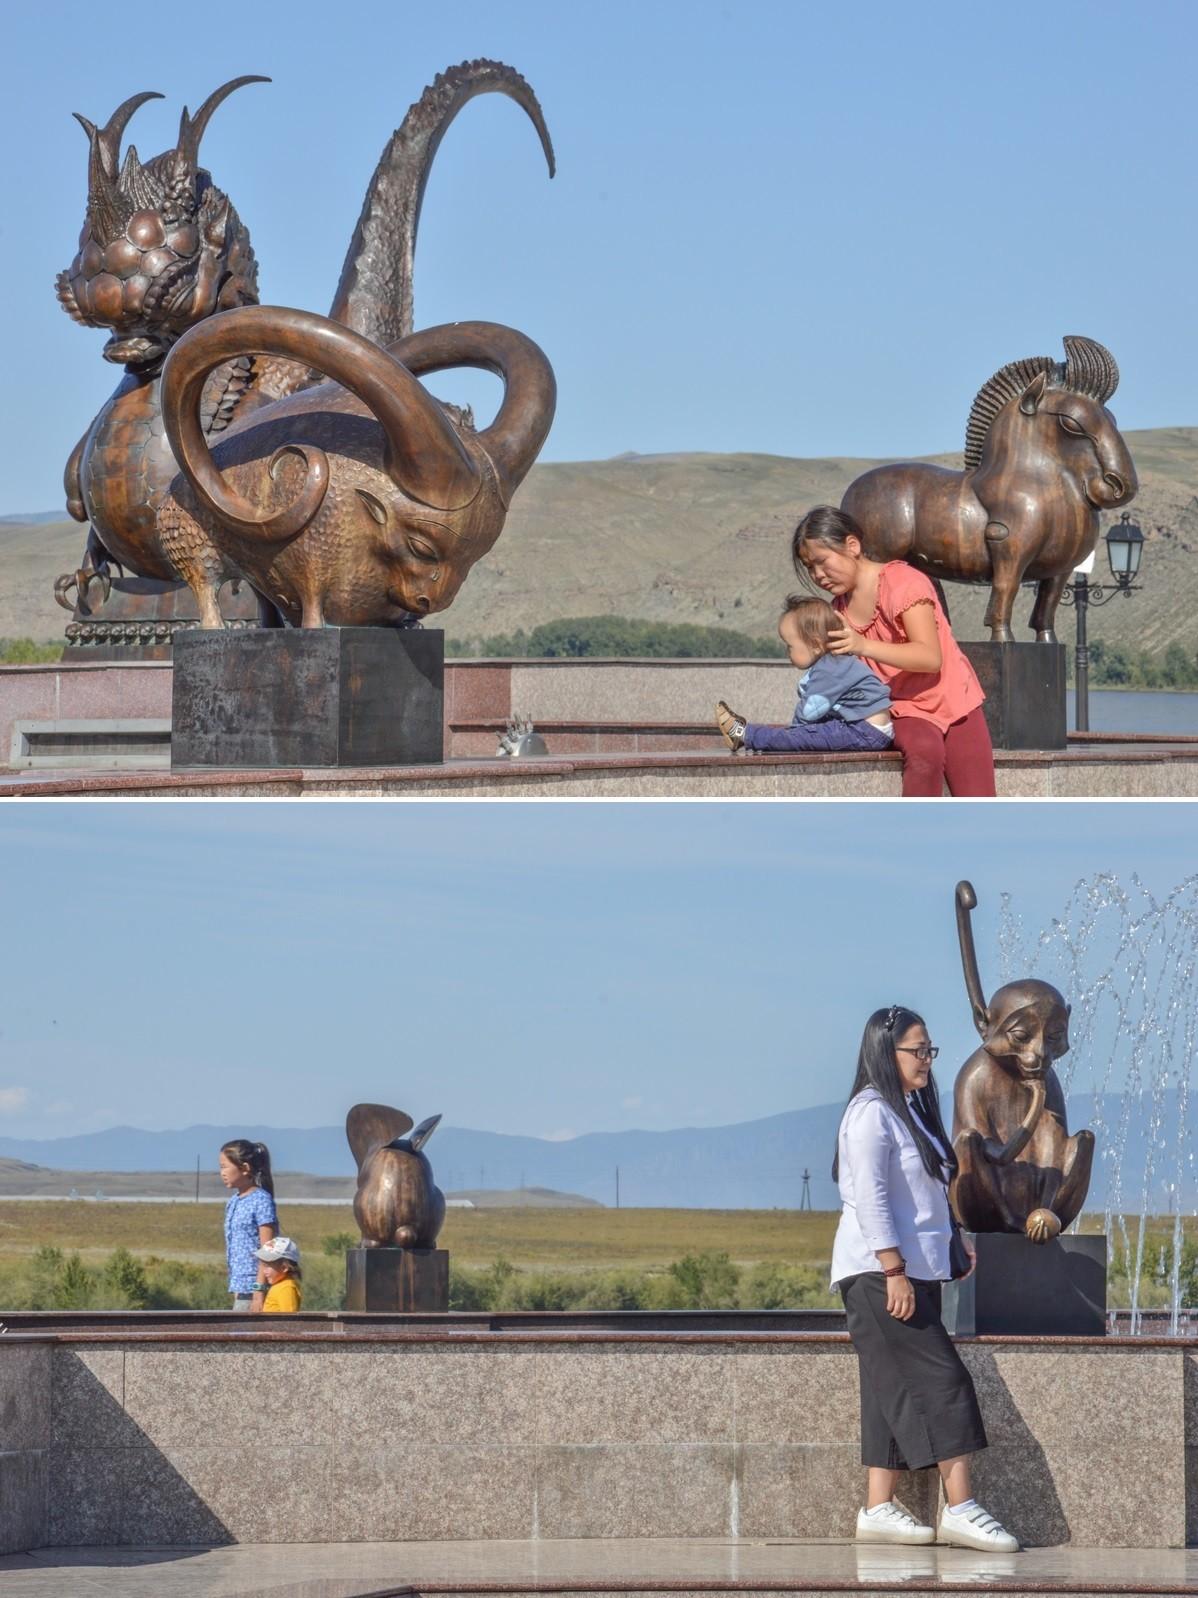 Ici, les visages arborent des traits asiatiques, tandis que le mien suscite la curiosité. En réalité, si en 1959 les Russes représentaient 40% de la population du Touva, ils n'étaient en 2010 plus que 16%, en raison de l'exil des Russes ethniques et du fort taux de natalité des Touvains.